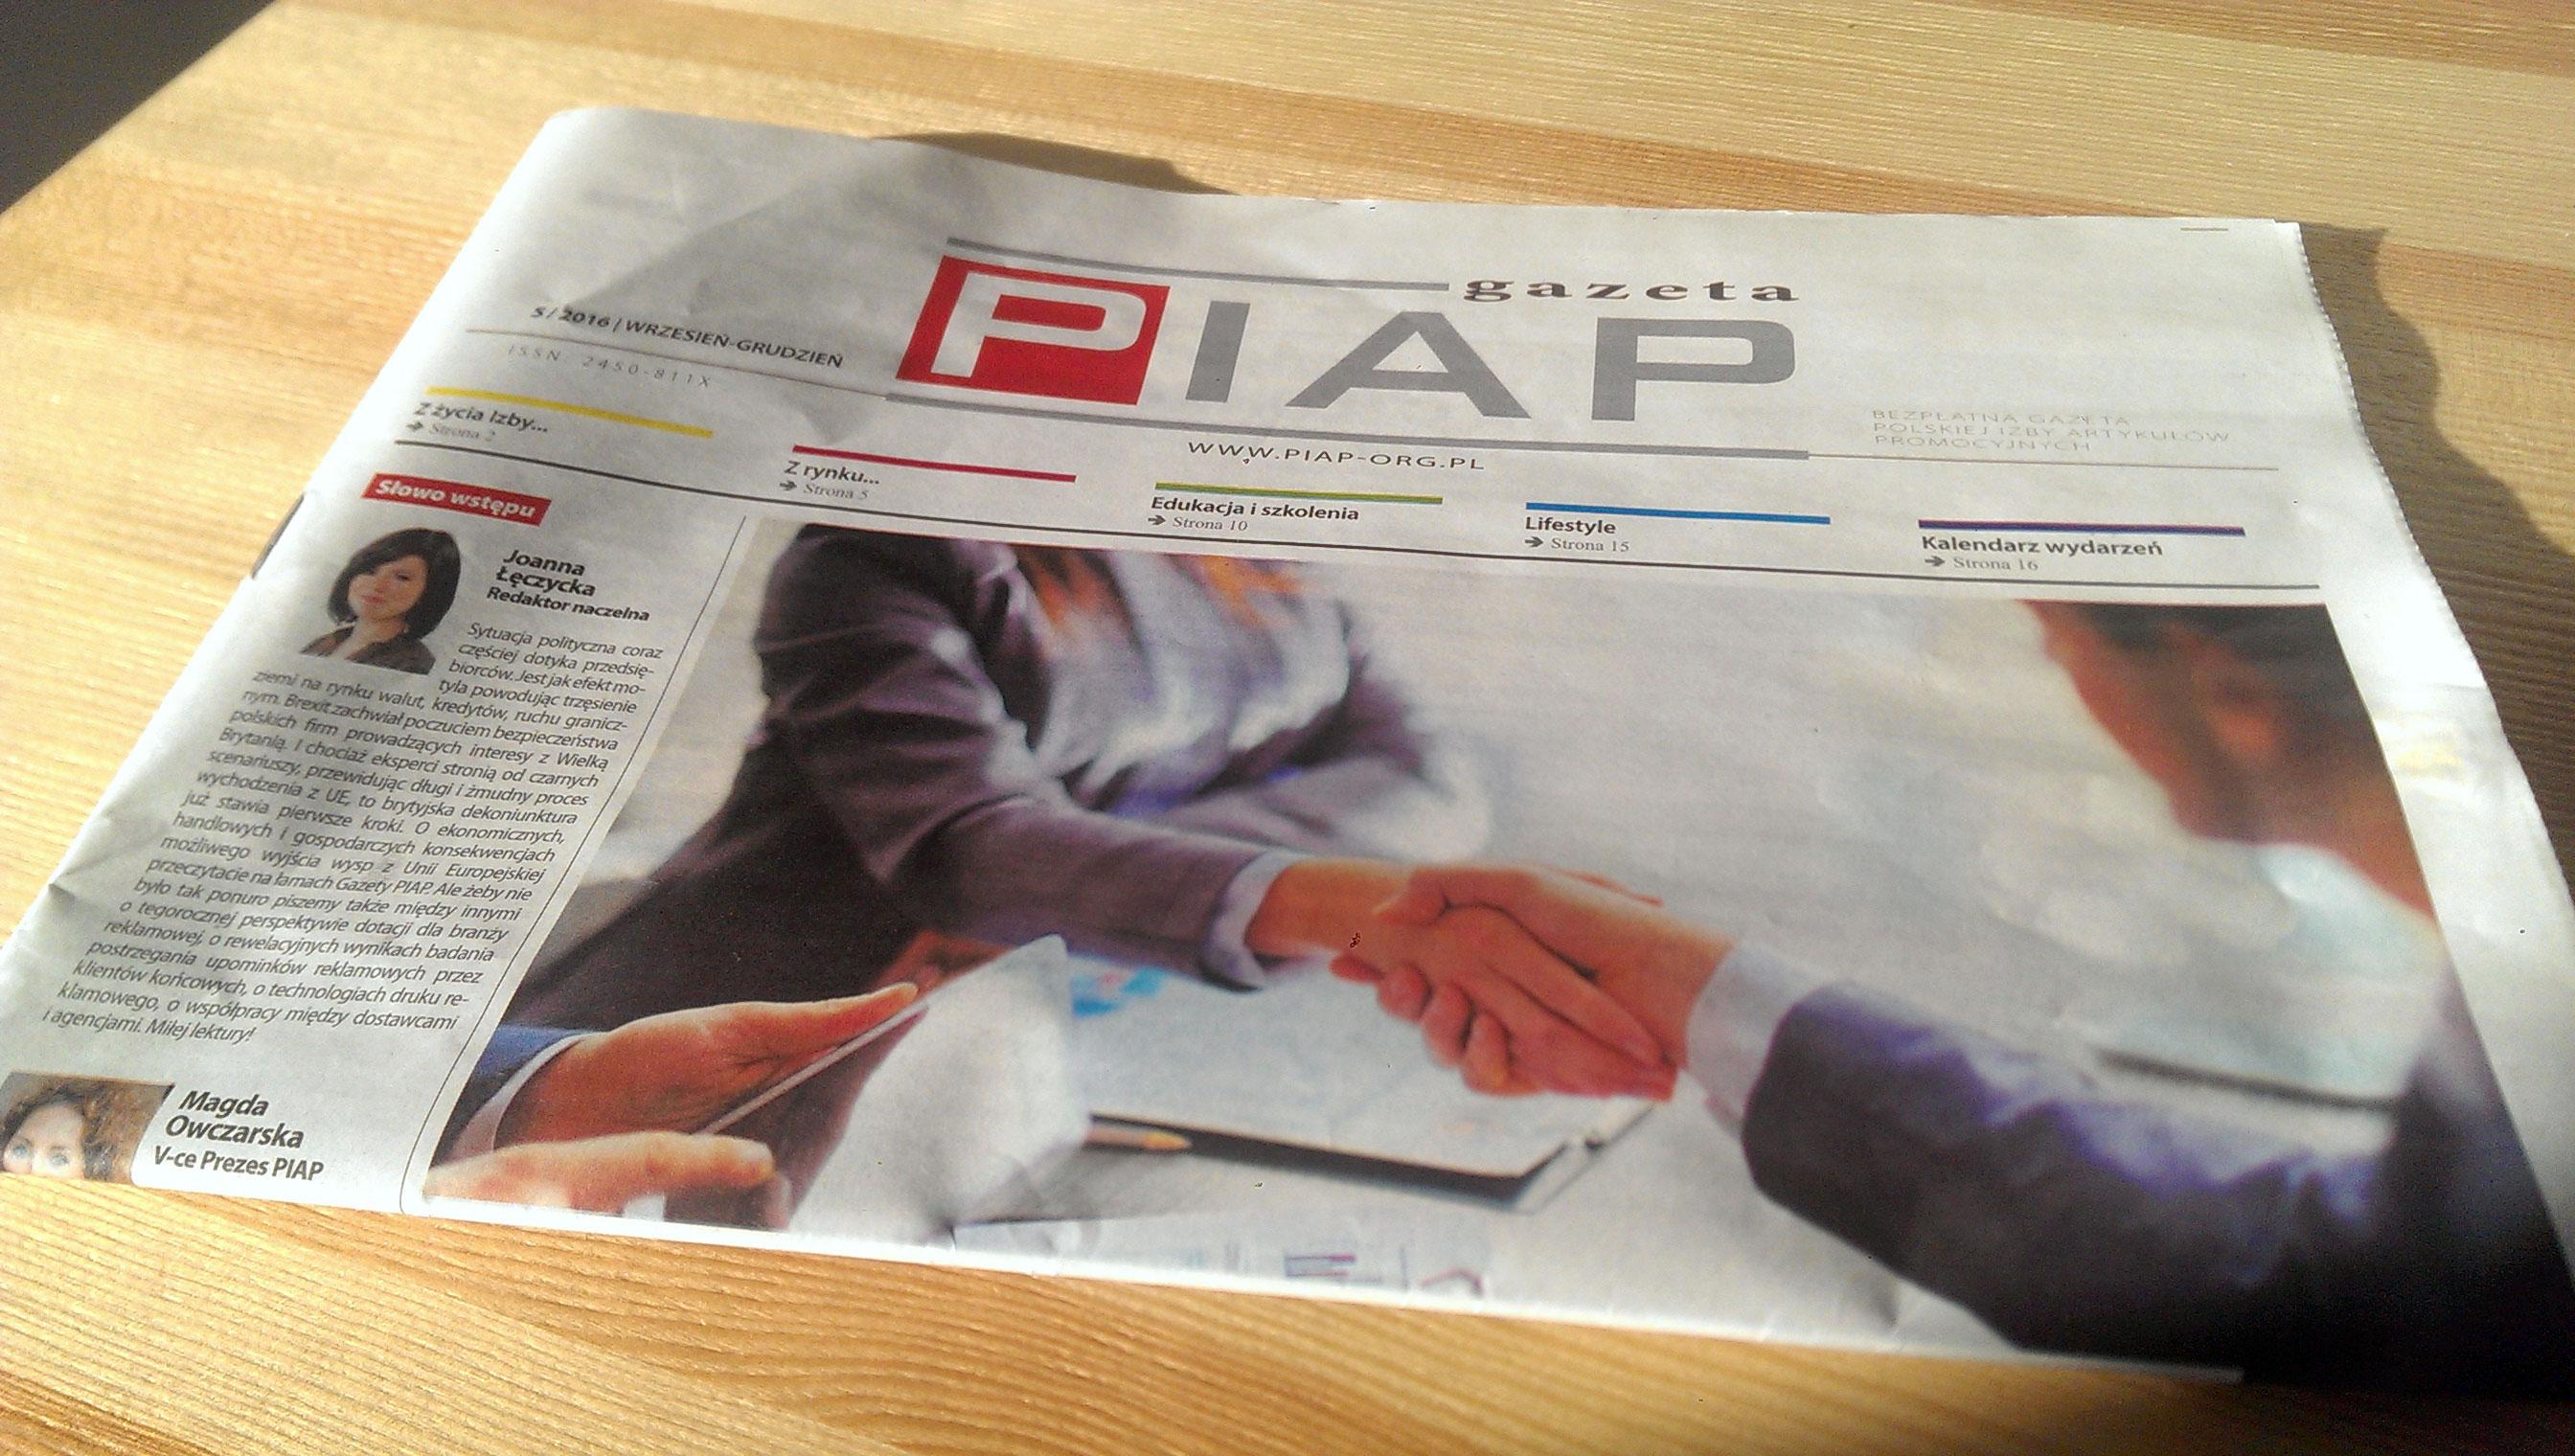 Printexpress.pl für eine Branchenzeitung PIAP